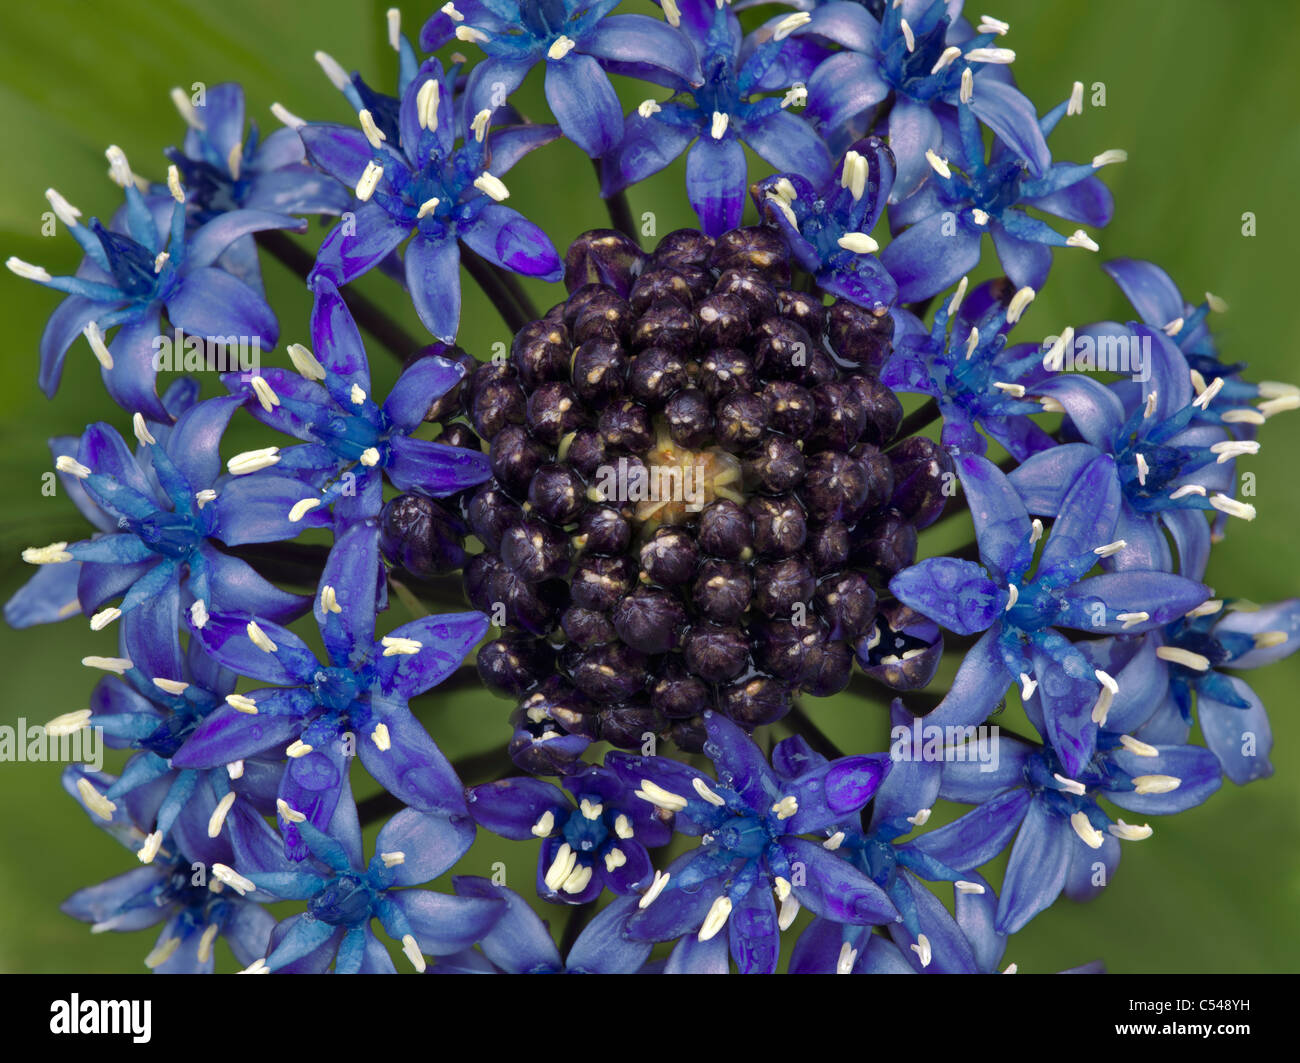 Cuban Lily (Scilla peruviana) The Connie Hansen Garden. Lincoln City, Oregon - Stock Image